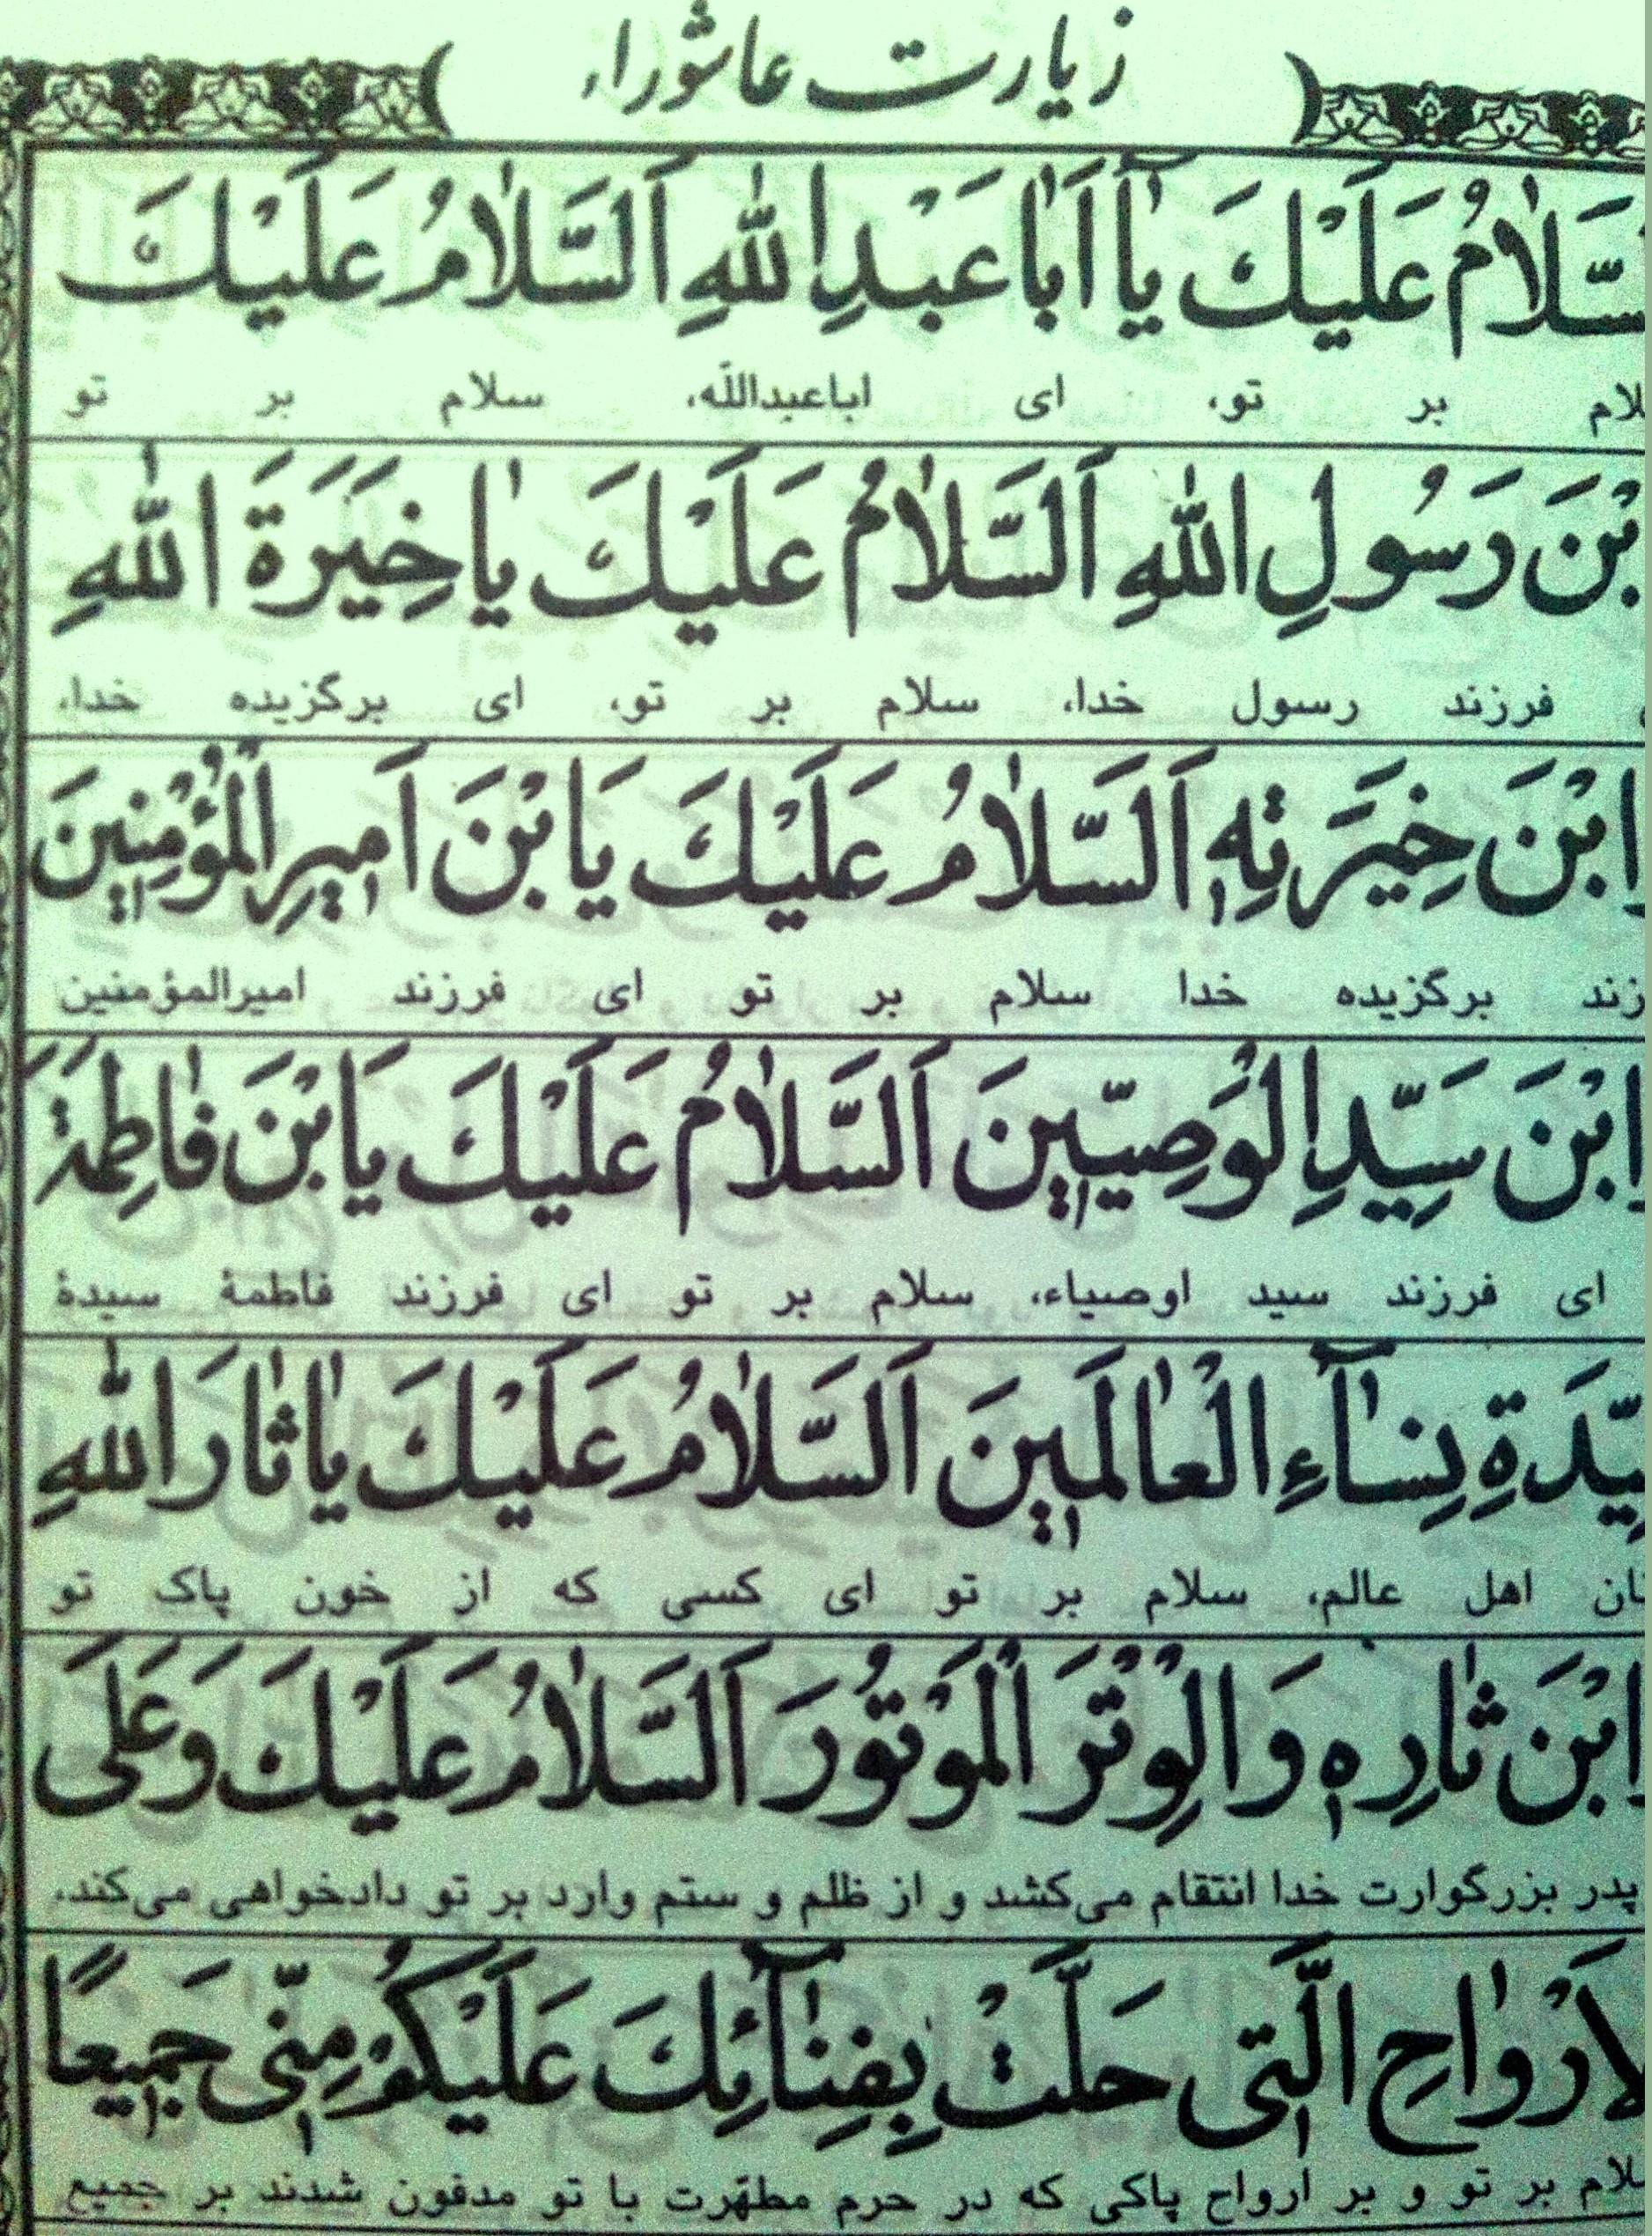 dua e ashura in arabic pdf